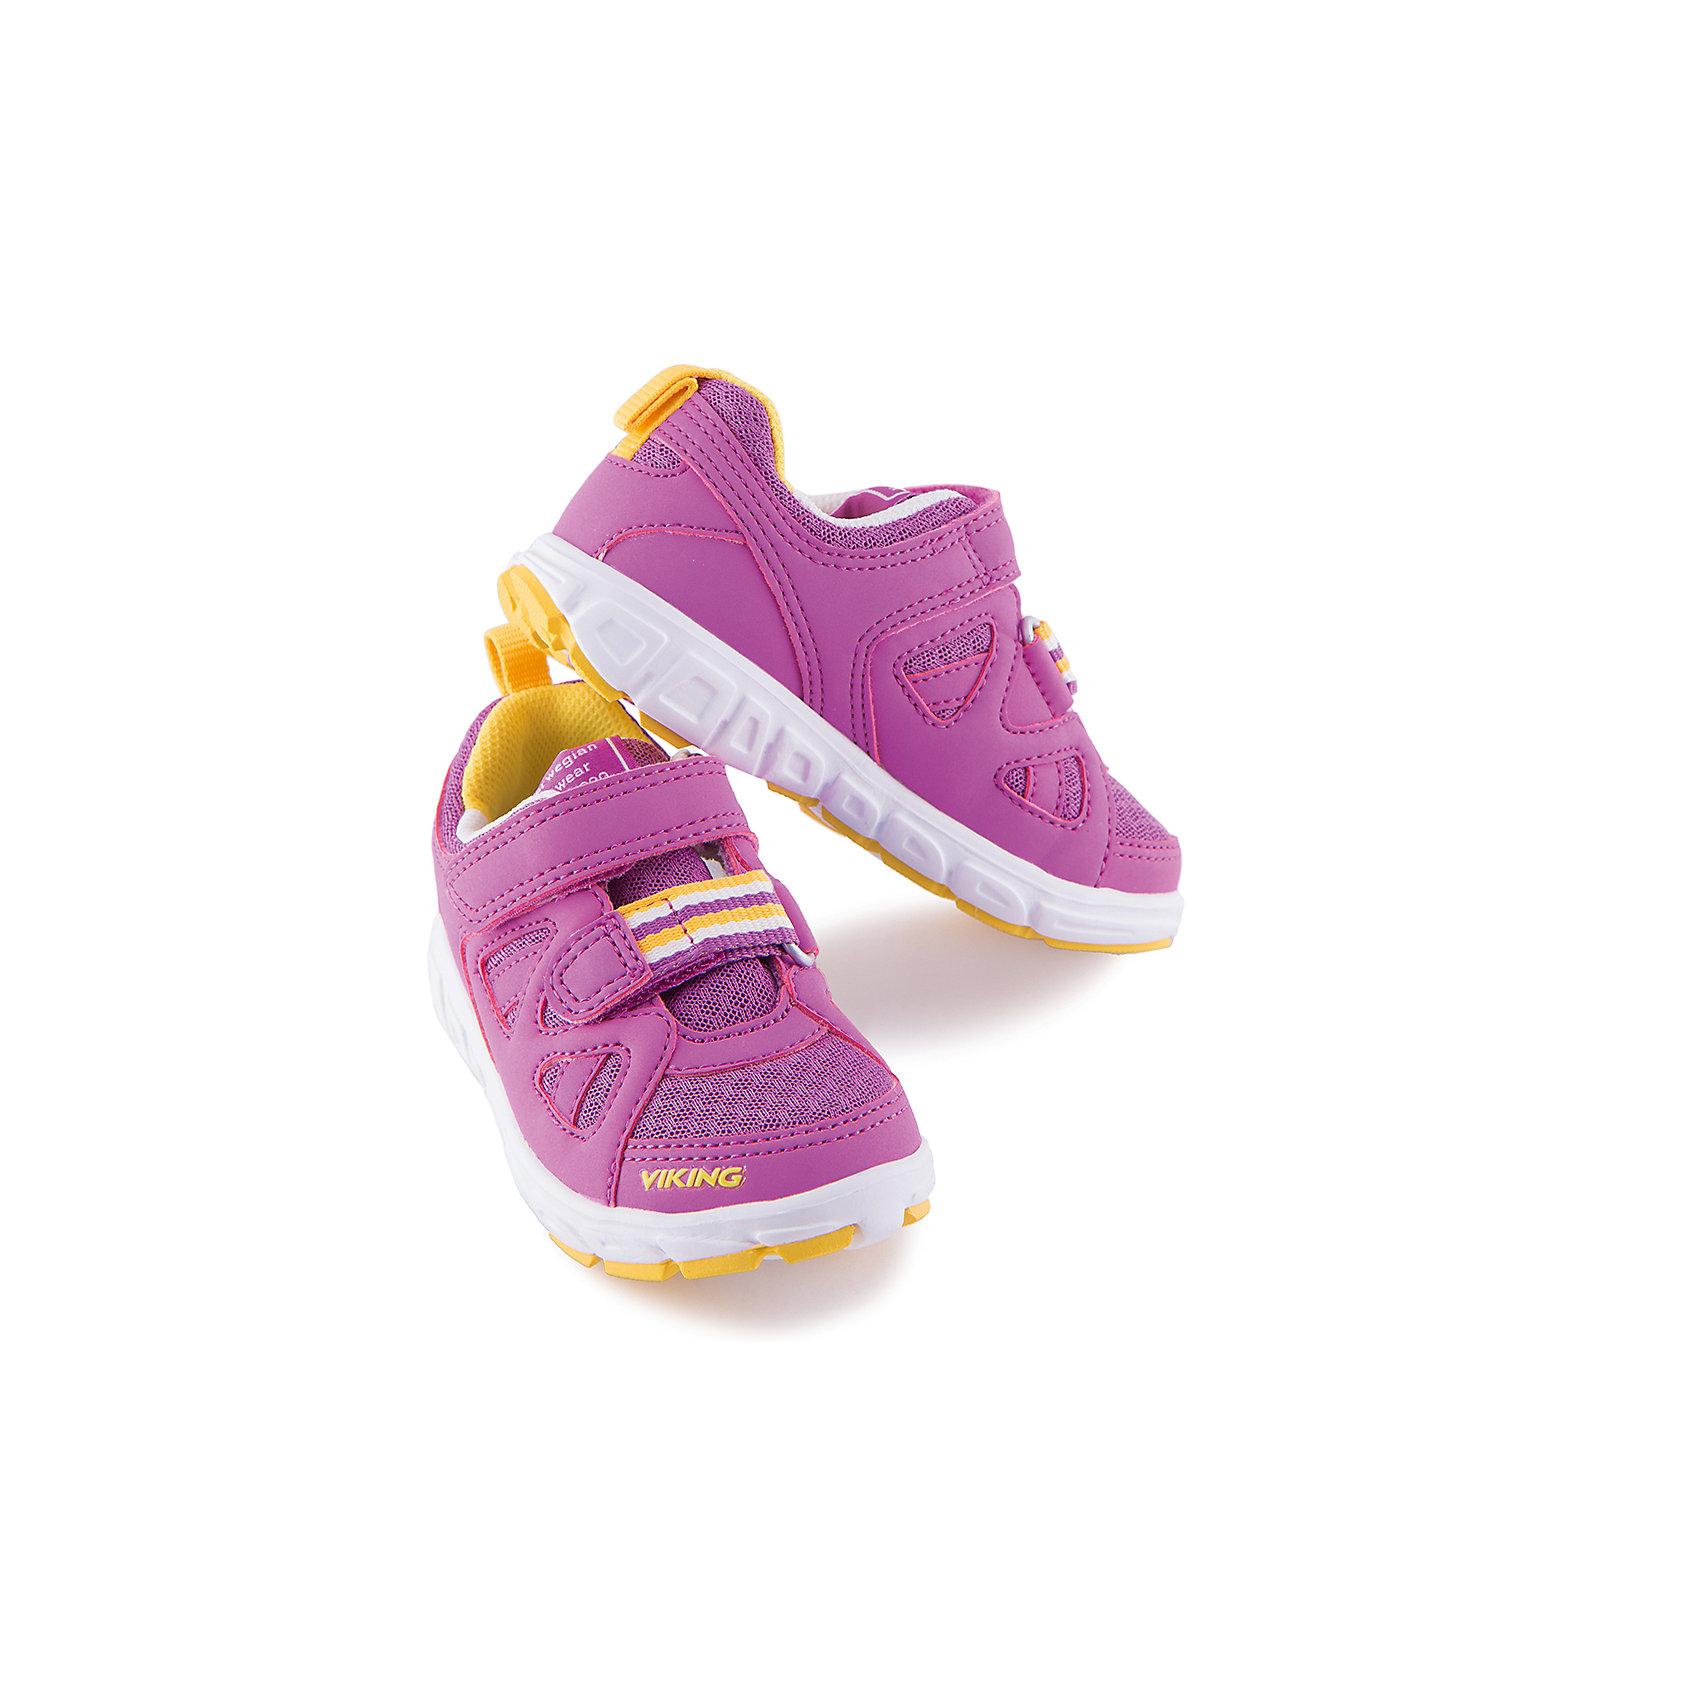 Кроссовки для девочки VIKINGКроссовки для девочки от марки VIKING - прекрасный вариант для повседневной носки или же активного отдыха. Модель на липучке имеет рифленую подошву, нос и задник из влагоустойчивого материала и тканевые вставки для вентиляции ноги. Кроссовки яркой расцветки изготовлены из высококачественных материалов, декорированы логотипом бренда и контрастной текстильной вставной спереди. <br><br>Дополнительная информация:<br><br>- Тип застежки: липучка. <br>- Декоративные элементы: логотип бренда, текстильная вставка.<br>- Стирка: щадящий режим, 30 ?. <br>- Рифленая подошва.<br>Параметры для размера 25<br>- Толщина подошвы: 1,4 см.<br>- Высота каблука: 2 см.<br>Состав:<br>текстиль, резина.<br><br>Кроссовки для девочки VIKING (Викинг) можно купить в нашем магазине.<br><br>Ширина мм: 262<br>Глубина мм: 176<br>Высота мм: 97<br>Вес г: 427<br>Цвет: фиолетовый<br>Возраст от месяцев: 120<br>Возраст до месяцев: 132<br>Пол: Женский<br>Возраст: Детский<br>Размер: 34,30,28,32,29,35,33,27,26,31,25<br>SKU: 4233222